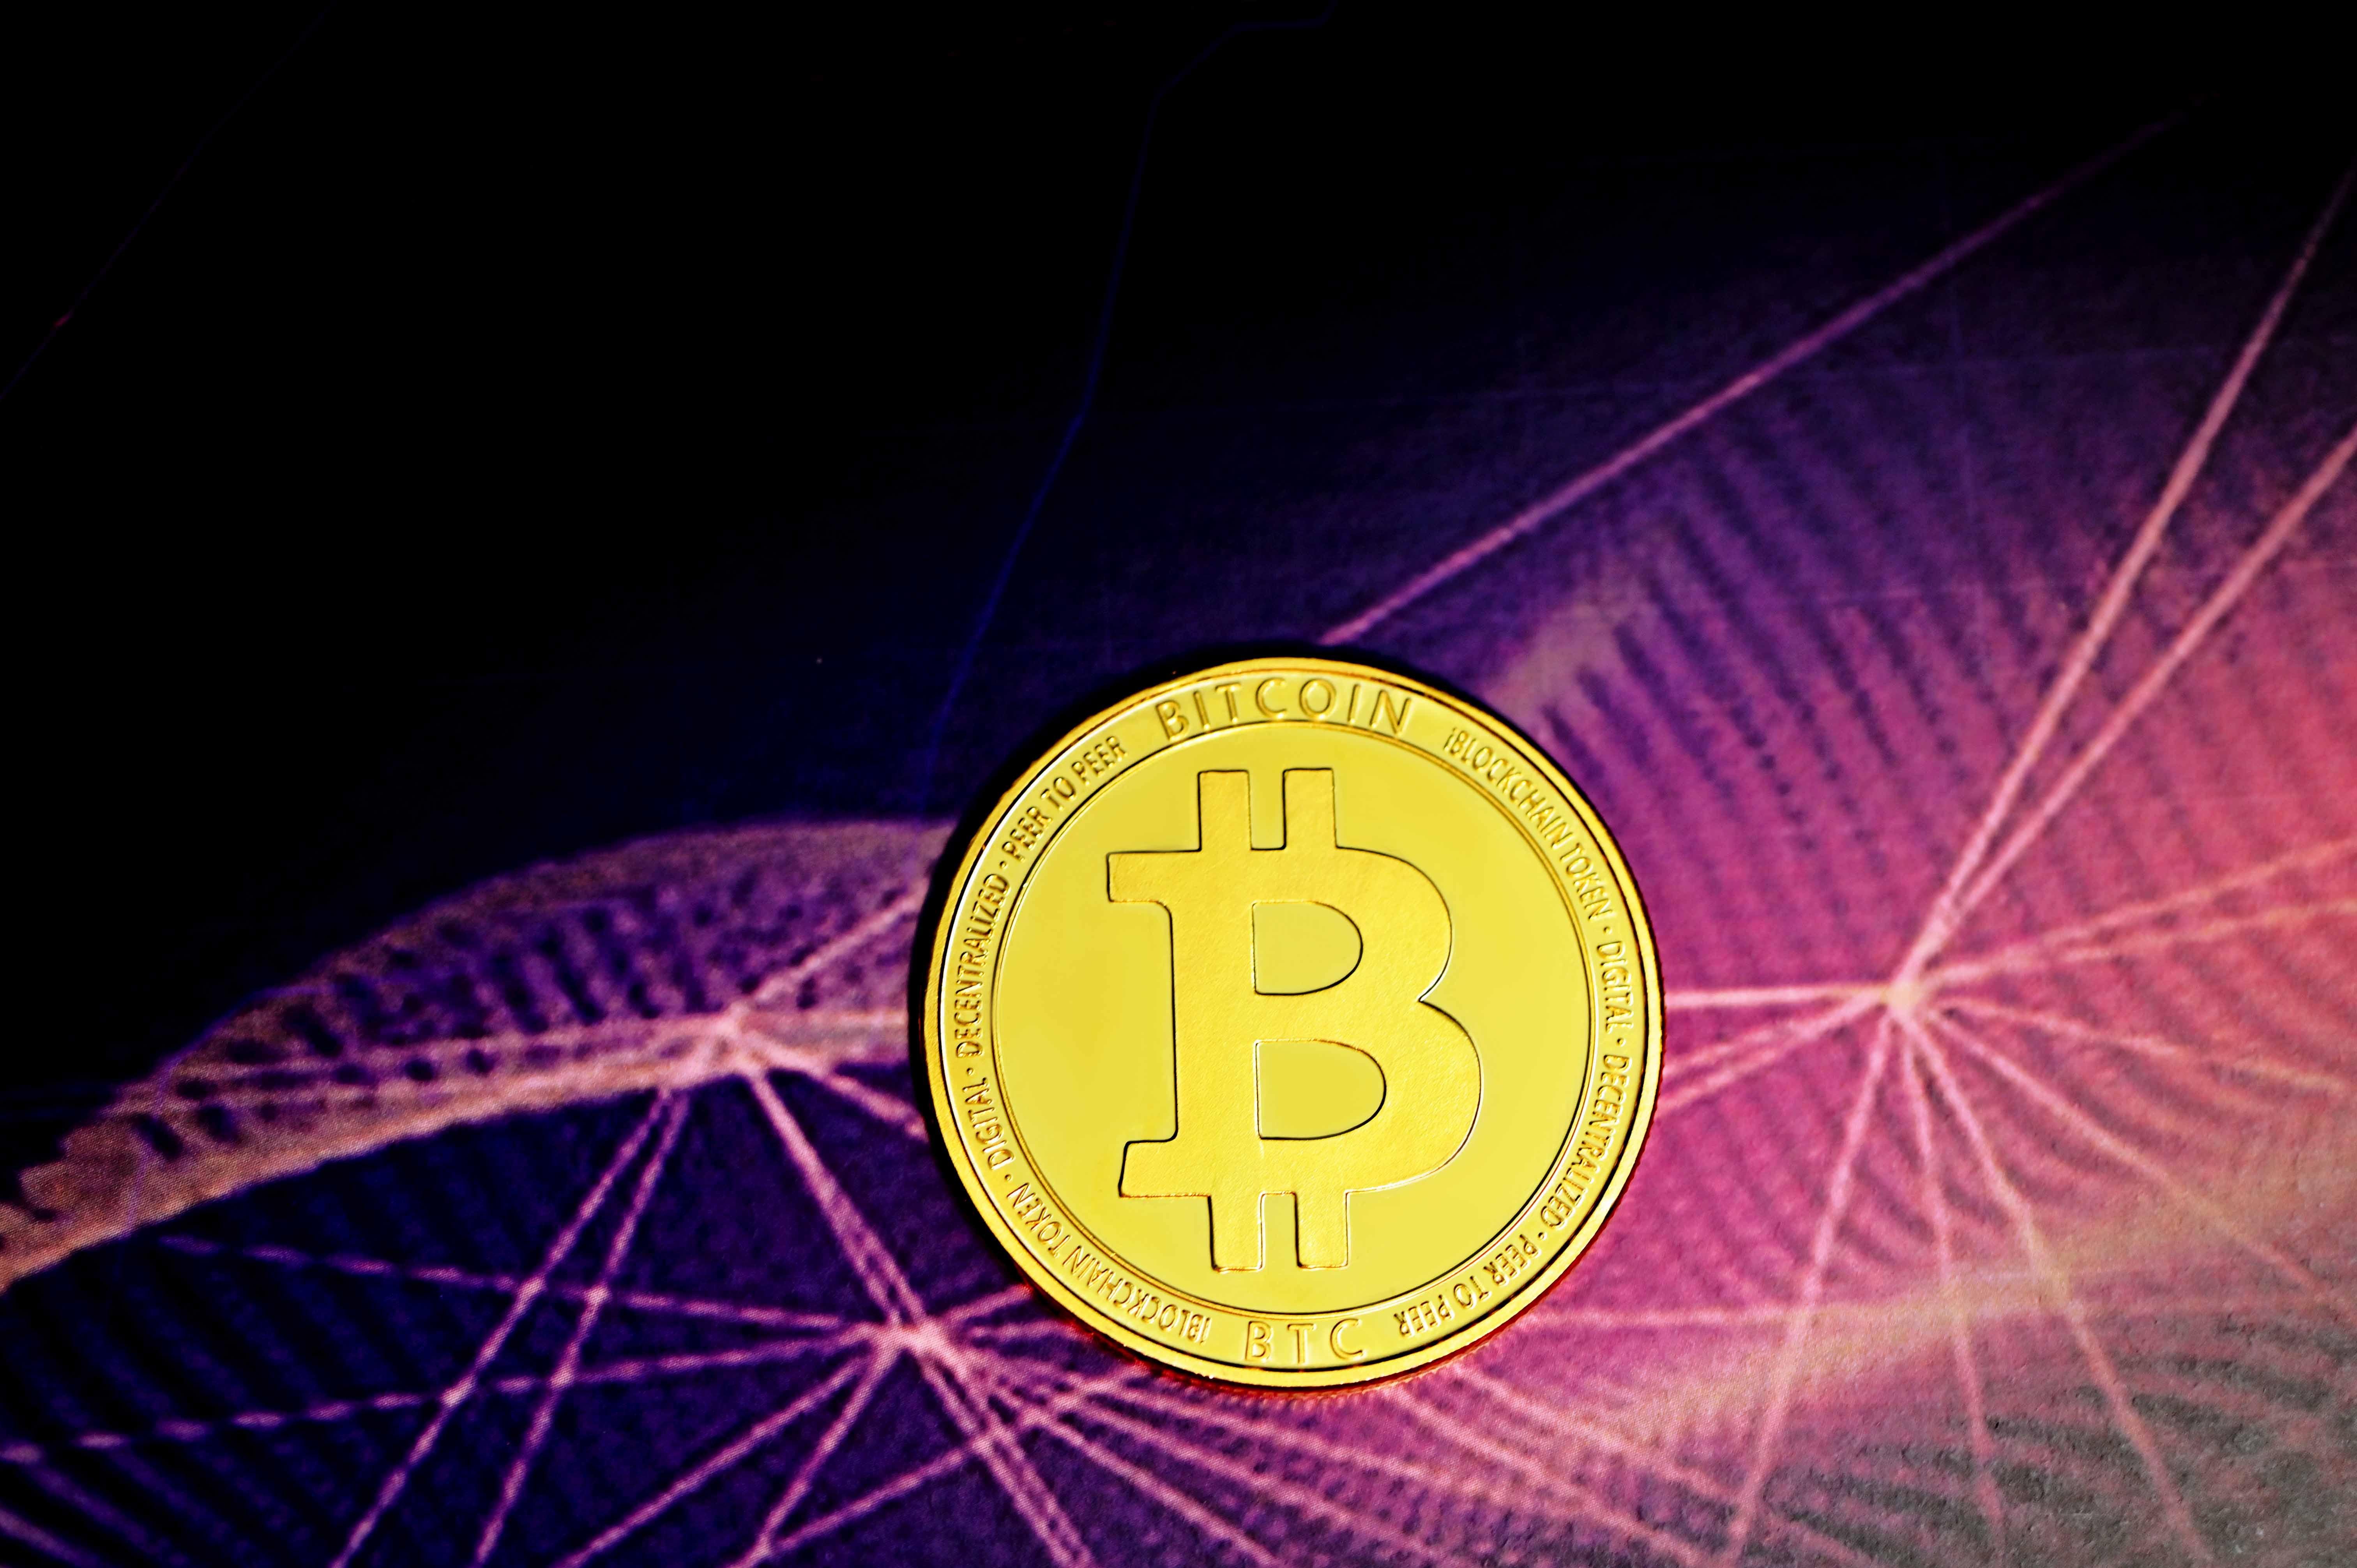 El Salvador Bitcoin Day Bloodbath Sends Trading Volume Surging